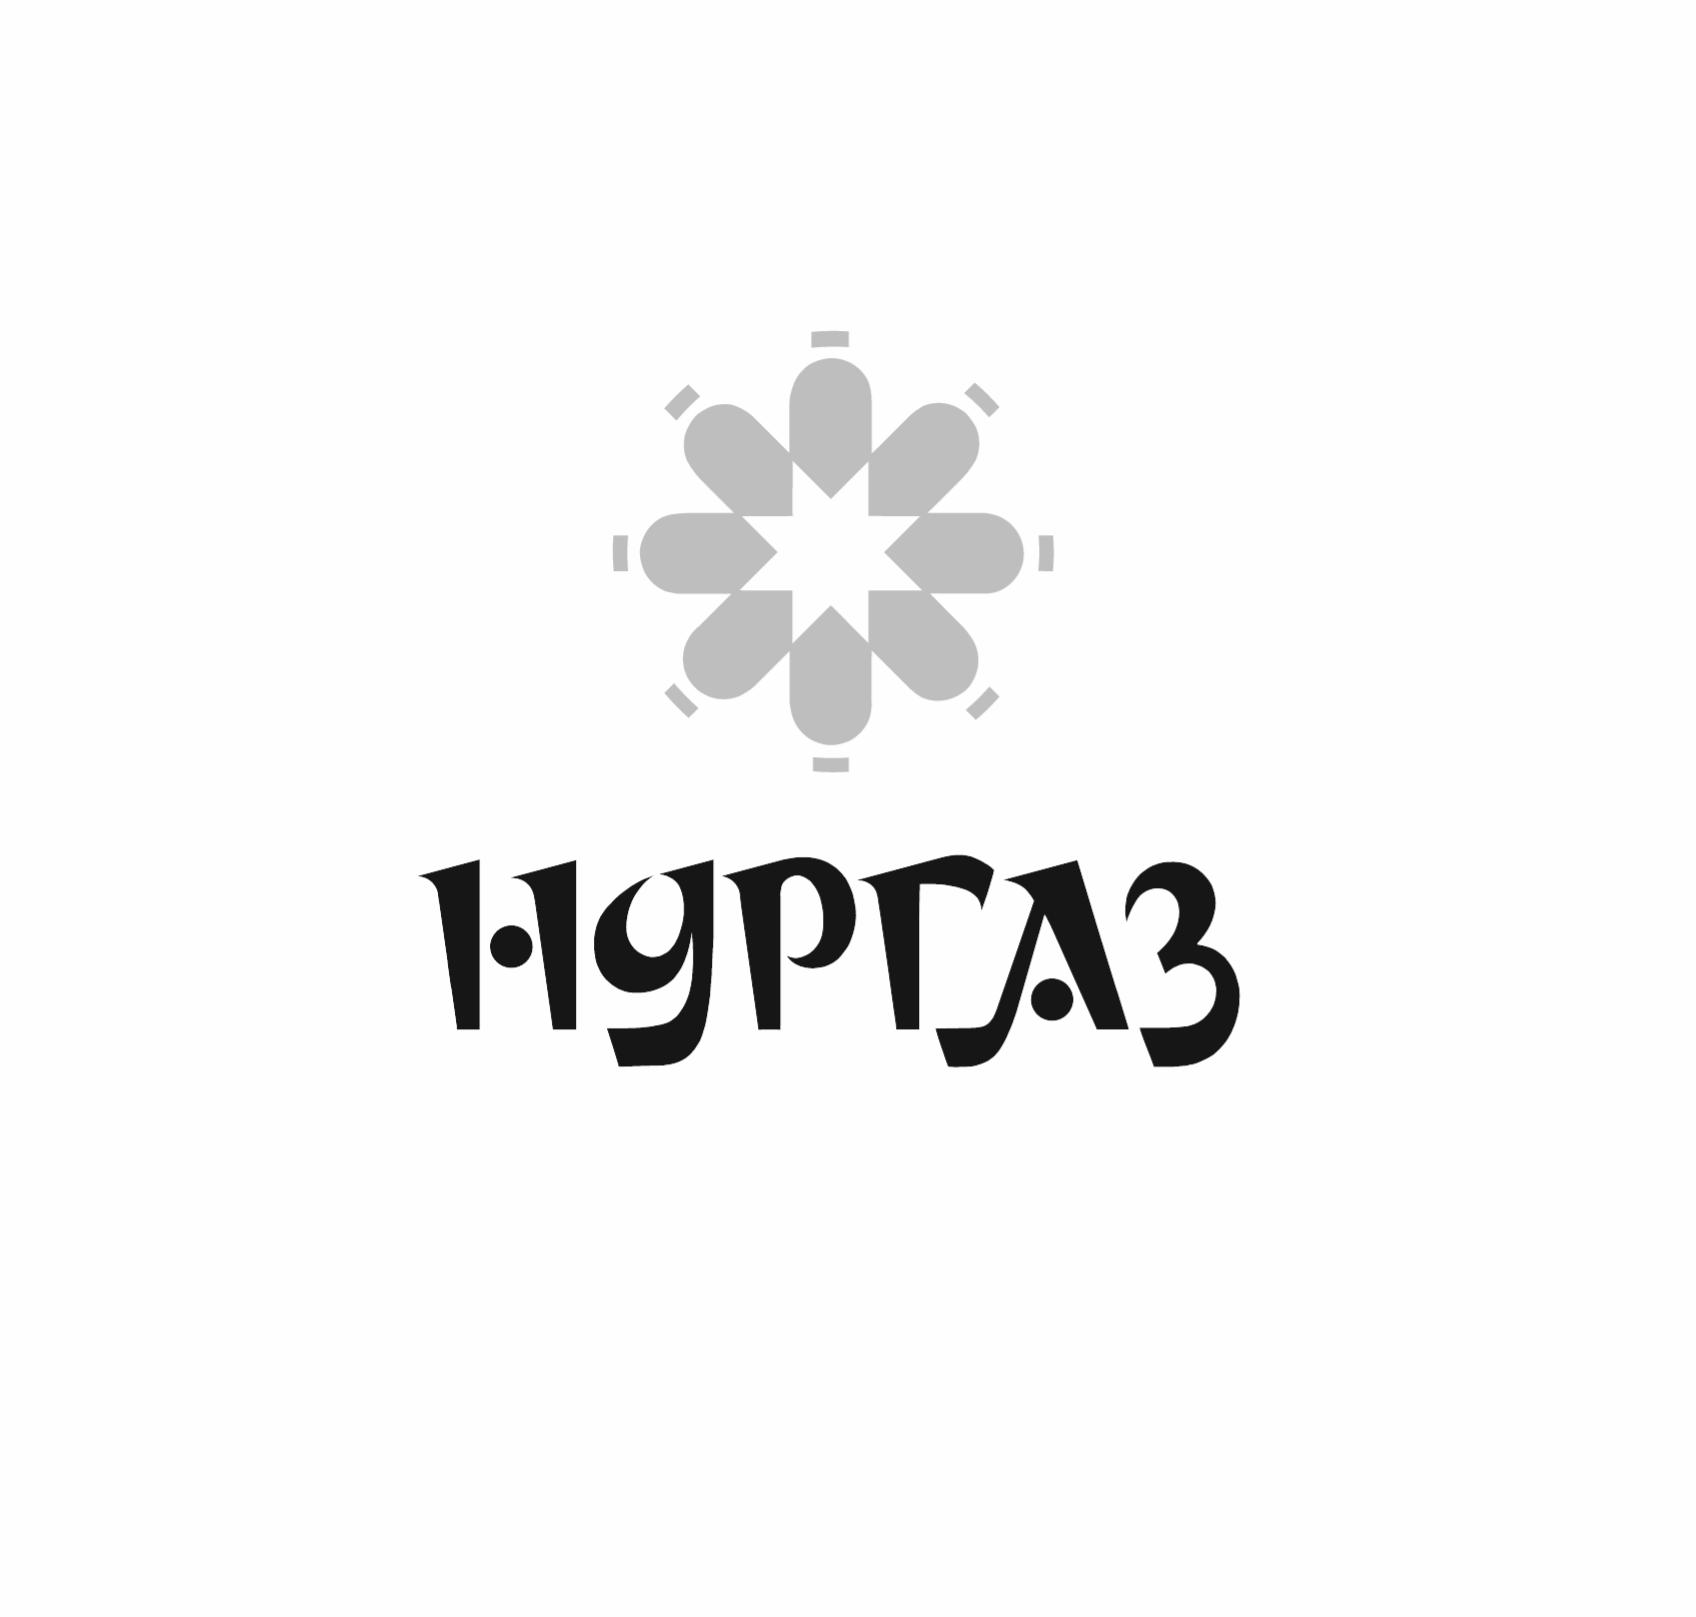 Разработка логотипа и фирменного стиля фото f_4465da68b720c65c.png